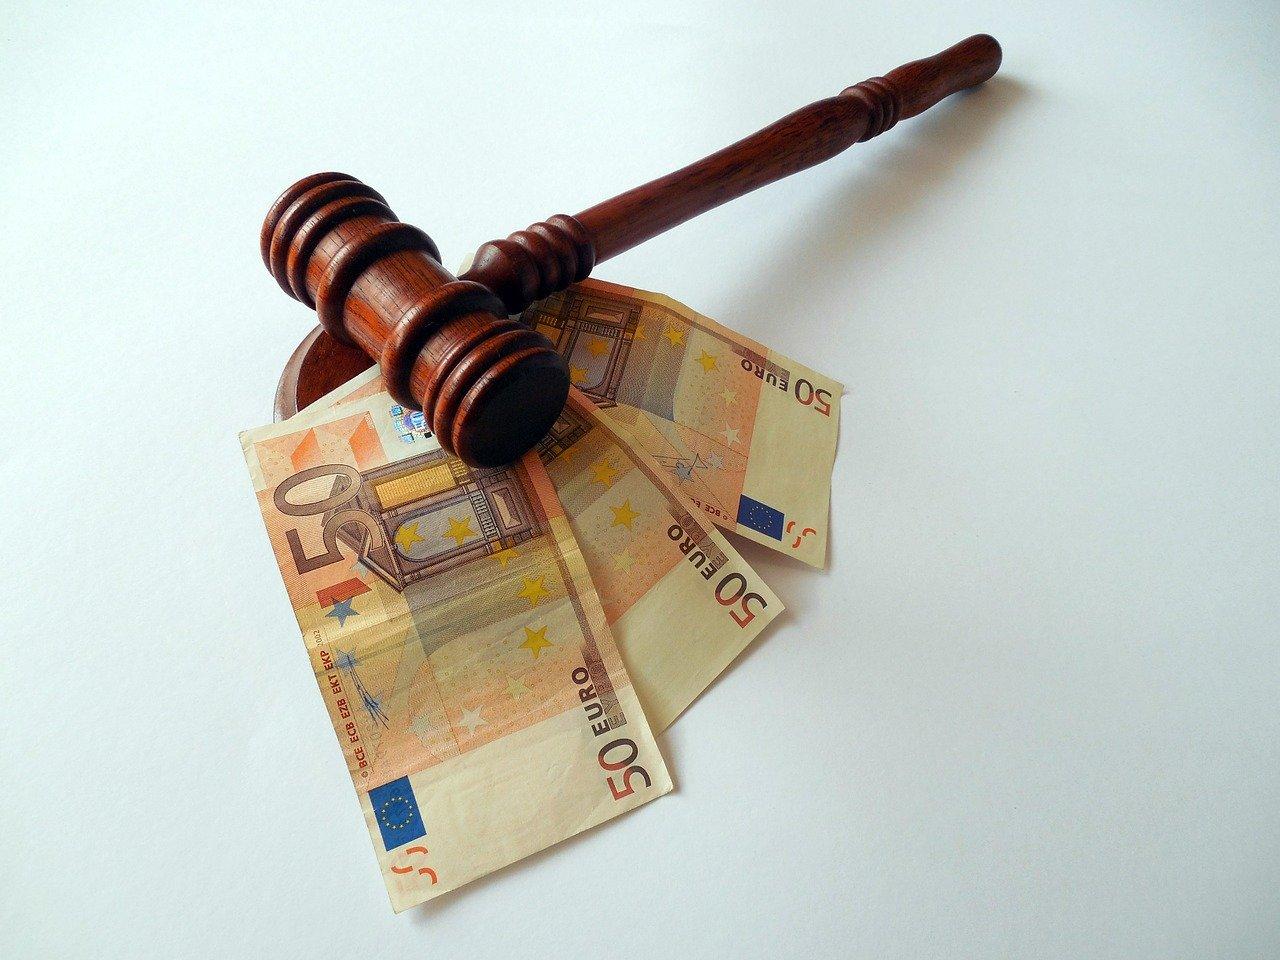 martelo de juiz pixabay